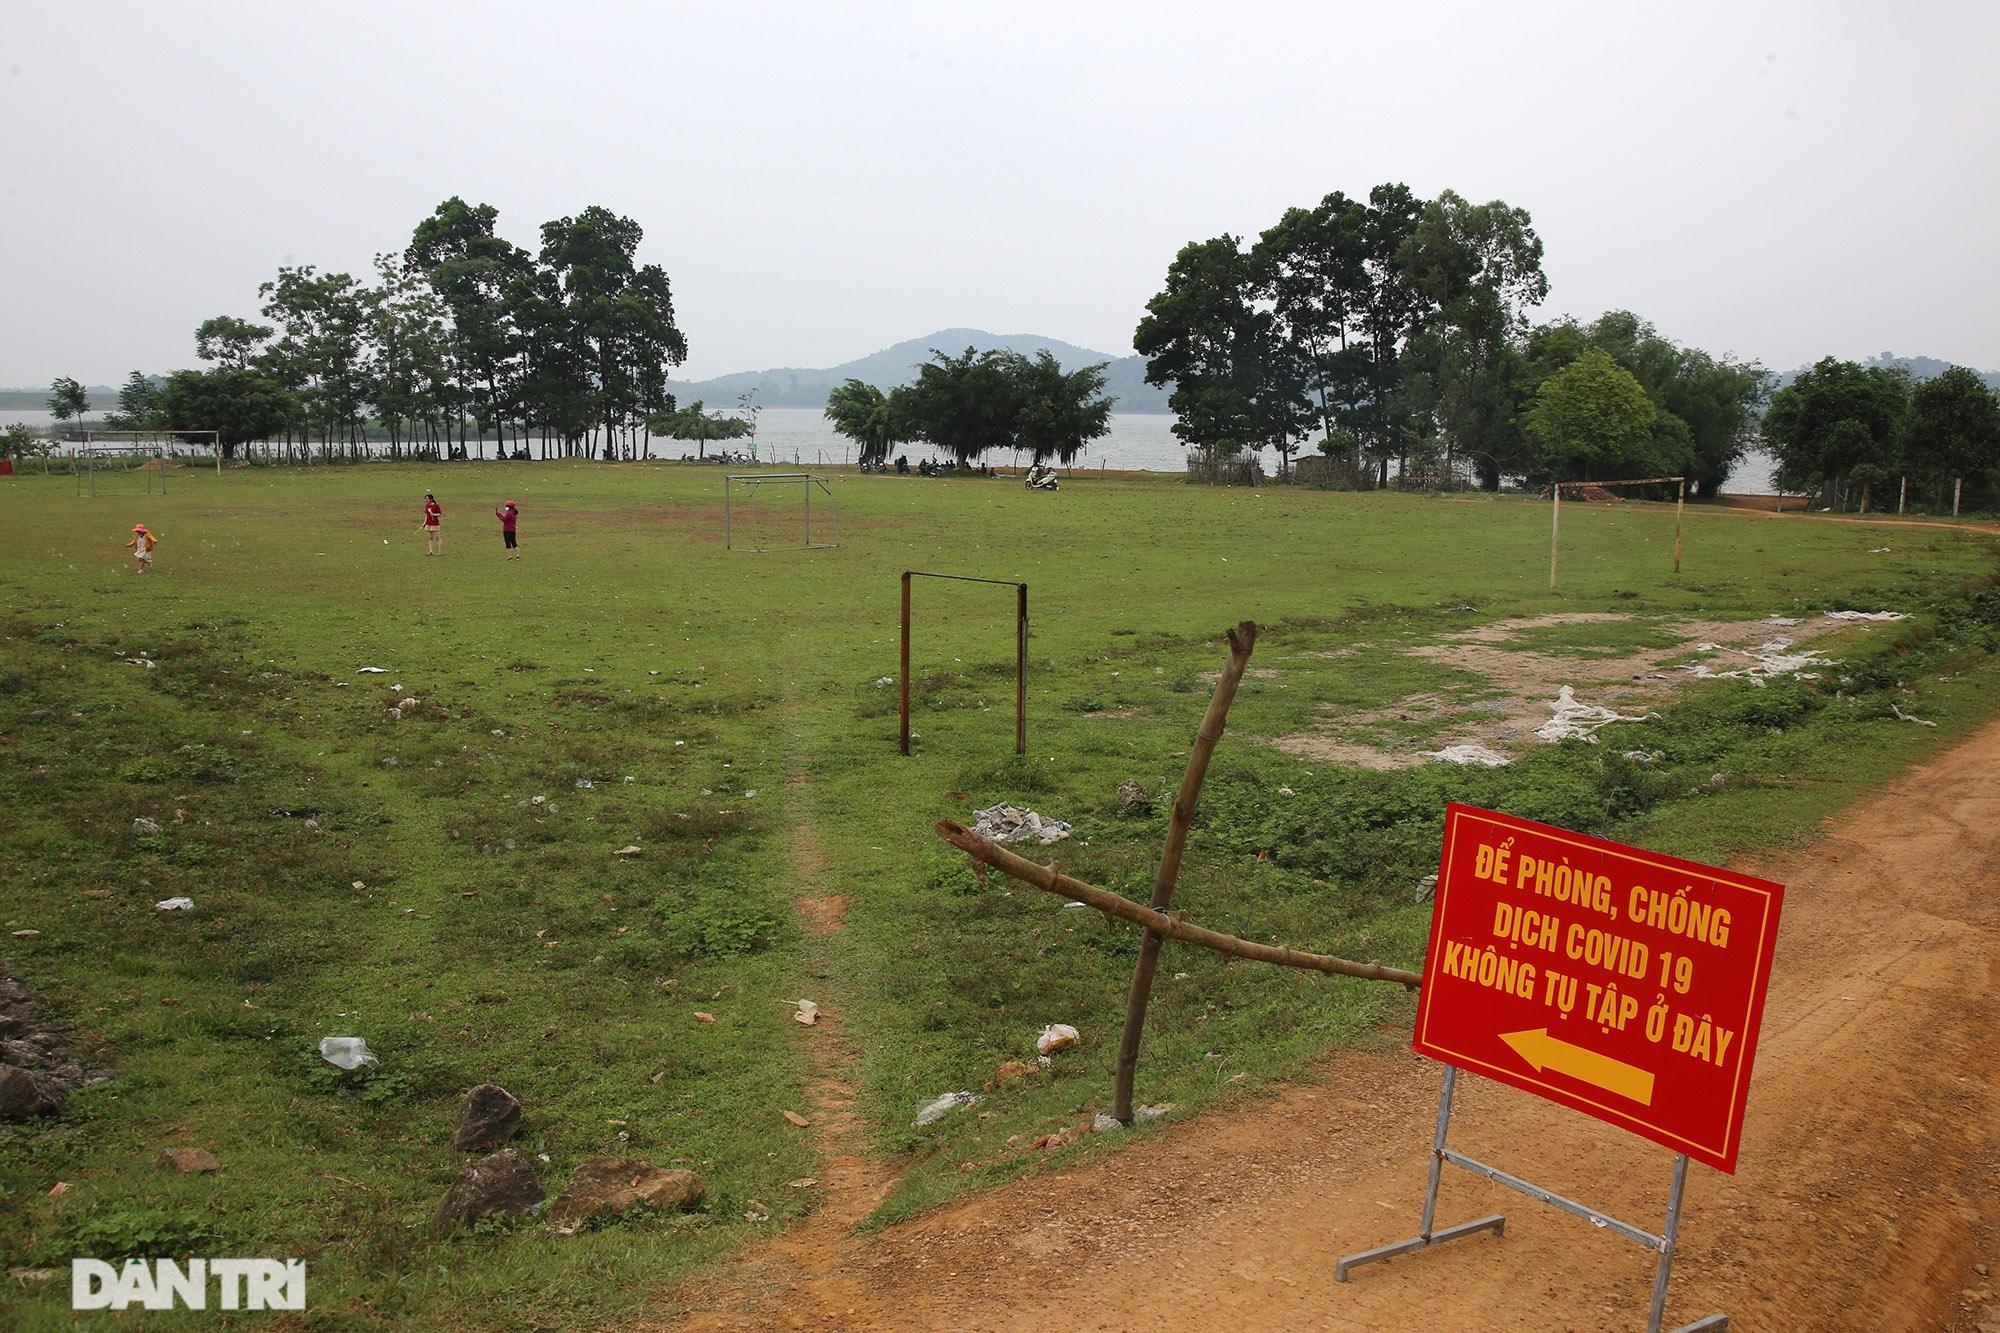 Dù có biển cấm tụ tập, hồ Đồng Mô vẫn tấp nập người đến cắm trại - 5